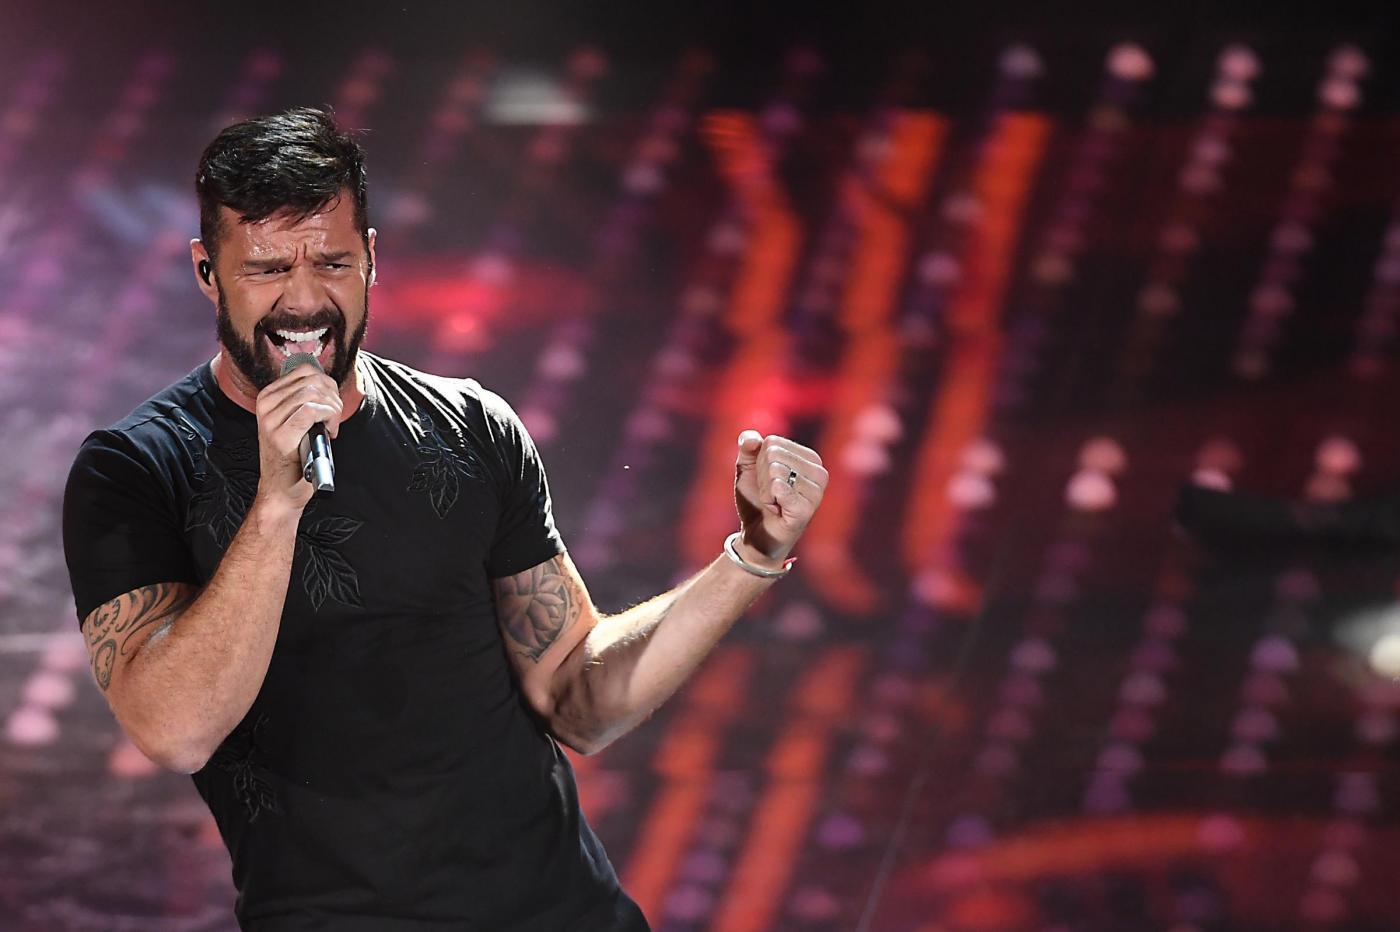 Ricky Martin al Festival di Sanremo 2017: l'esibizione della star latin pop